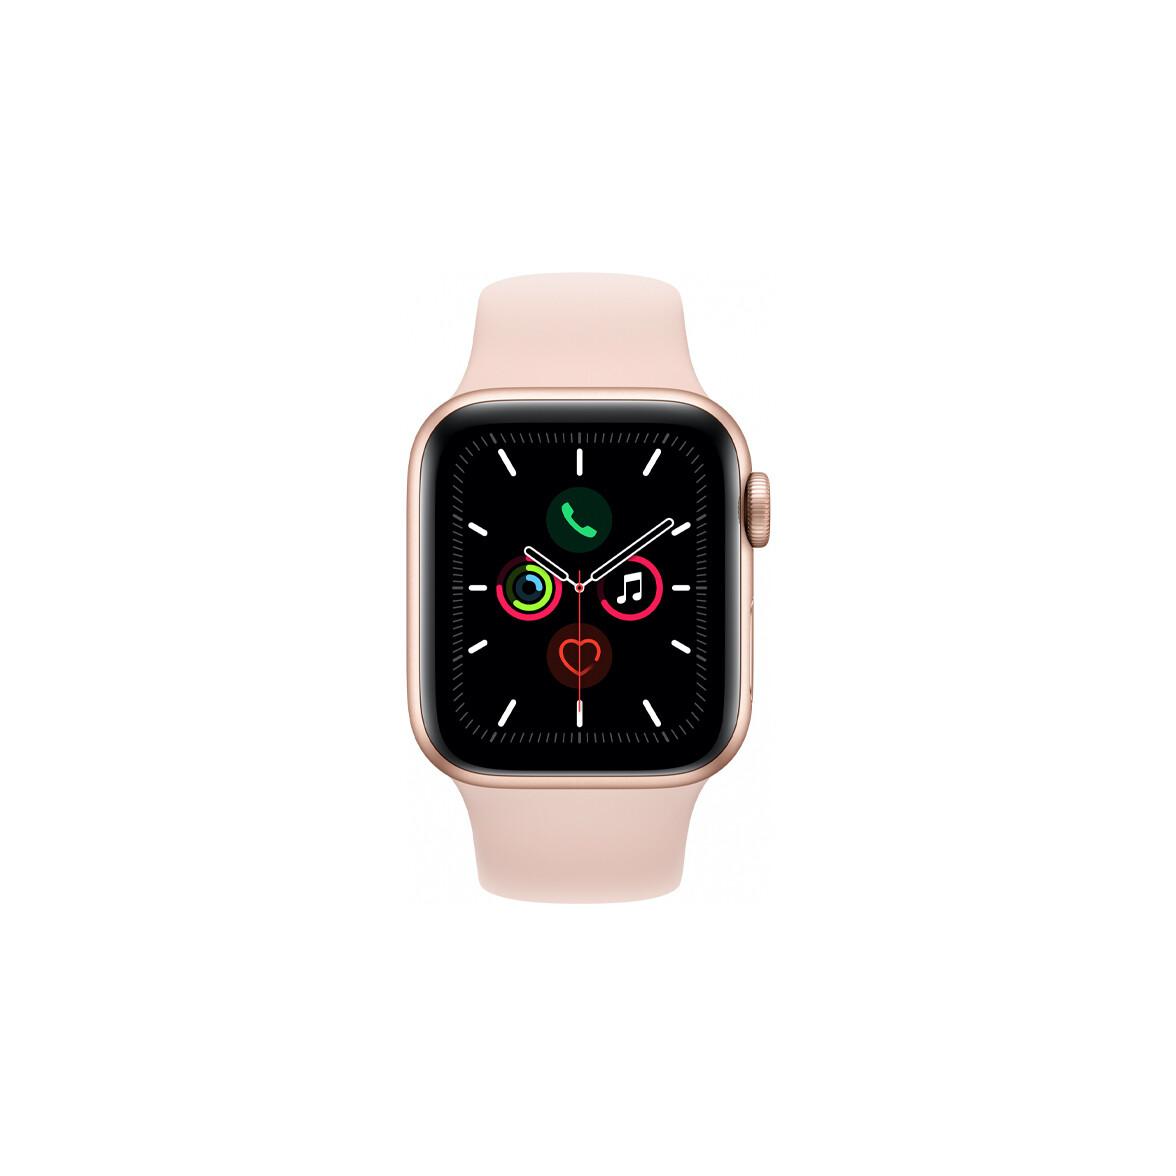 Apple Watch Series 5, 40 мм, корпус из алюминия золотого цвета, спортивный браслет цвета «розовый песок»